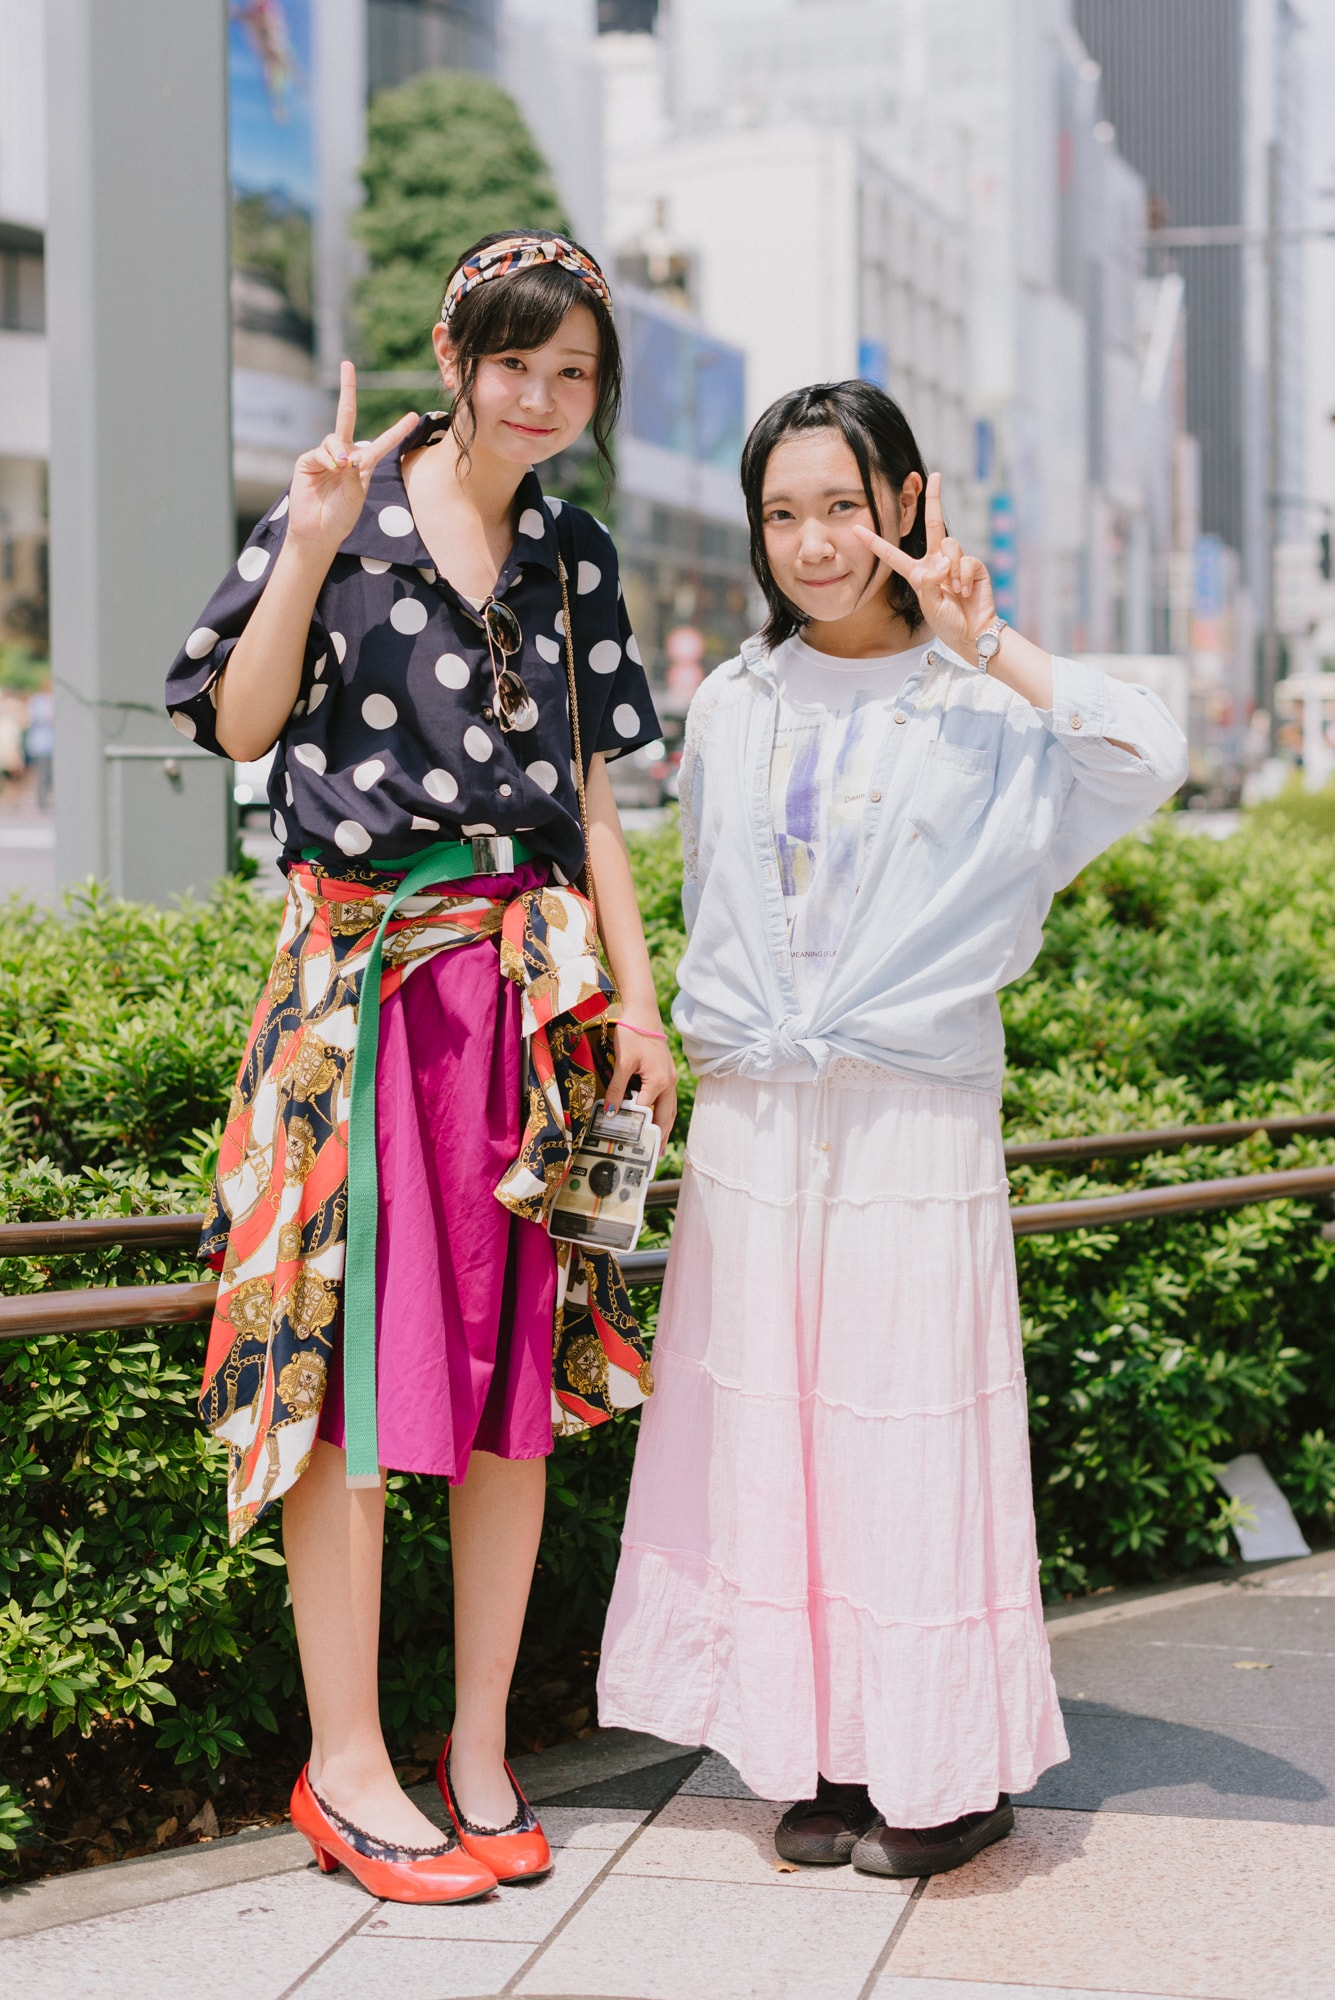 女子高生の最新ファッショントレンドをチェック!モデル・佐久間